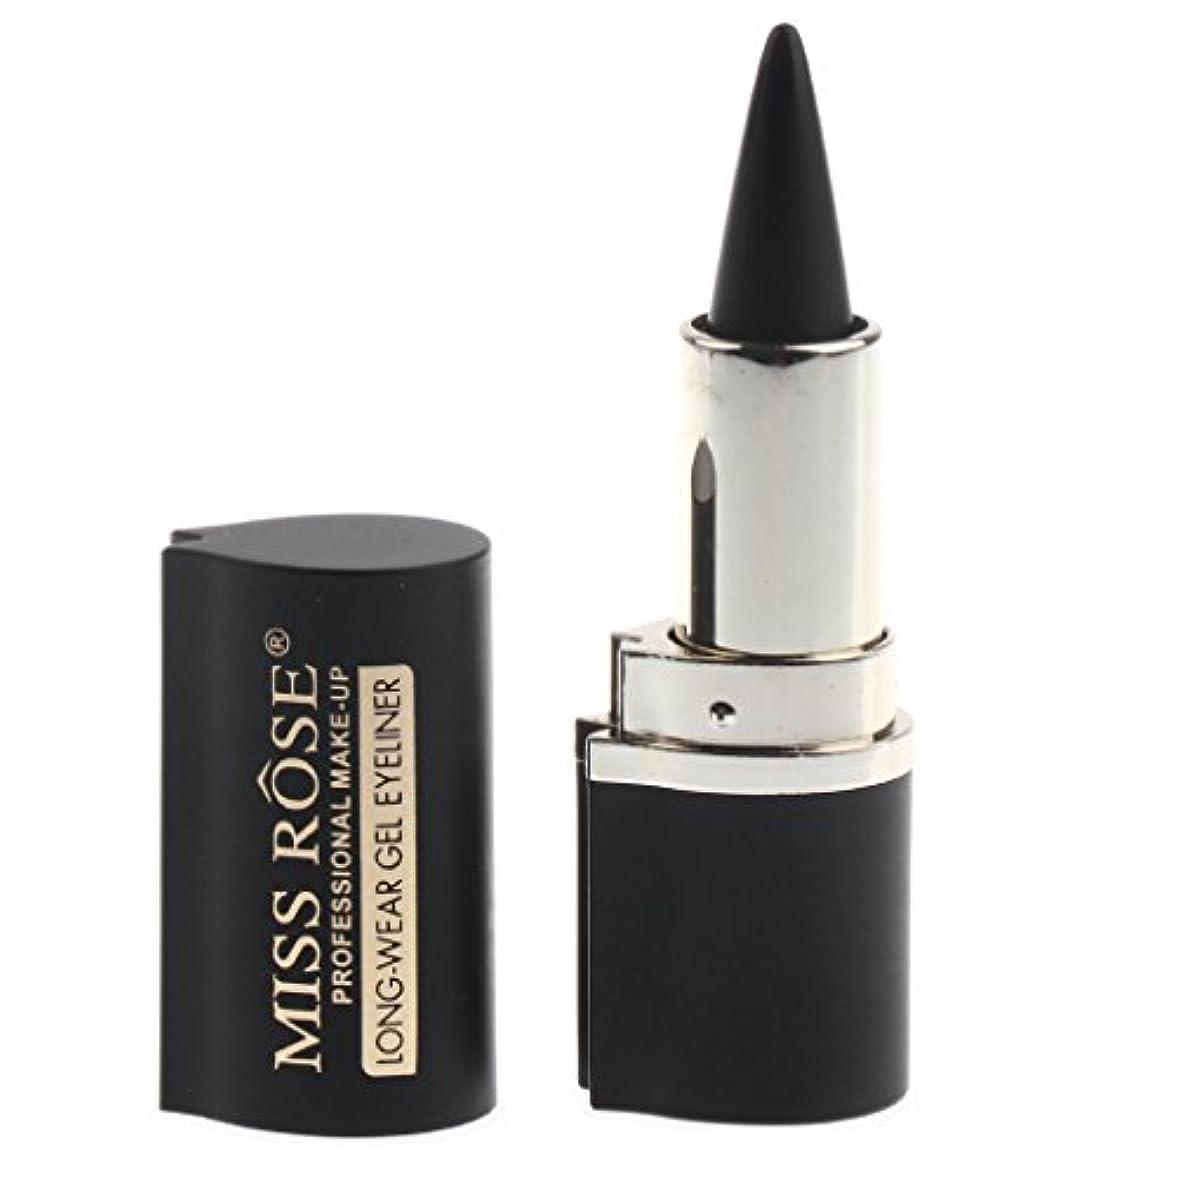 船形ガス避けられないDYNWAVE アイライナー ペーストペン 化粧品 アイライナージェル メイク 持ち運び簡単 アイメイク 耐水性